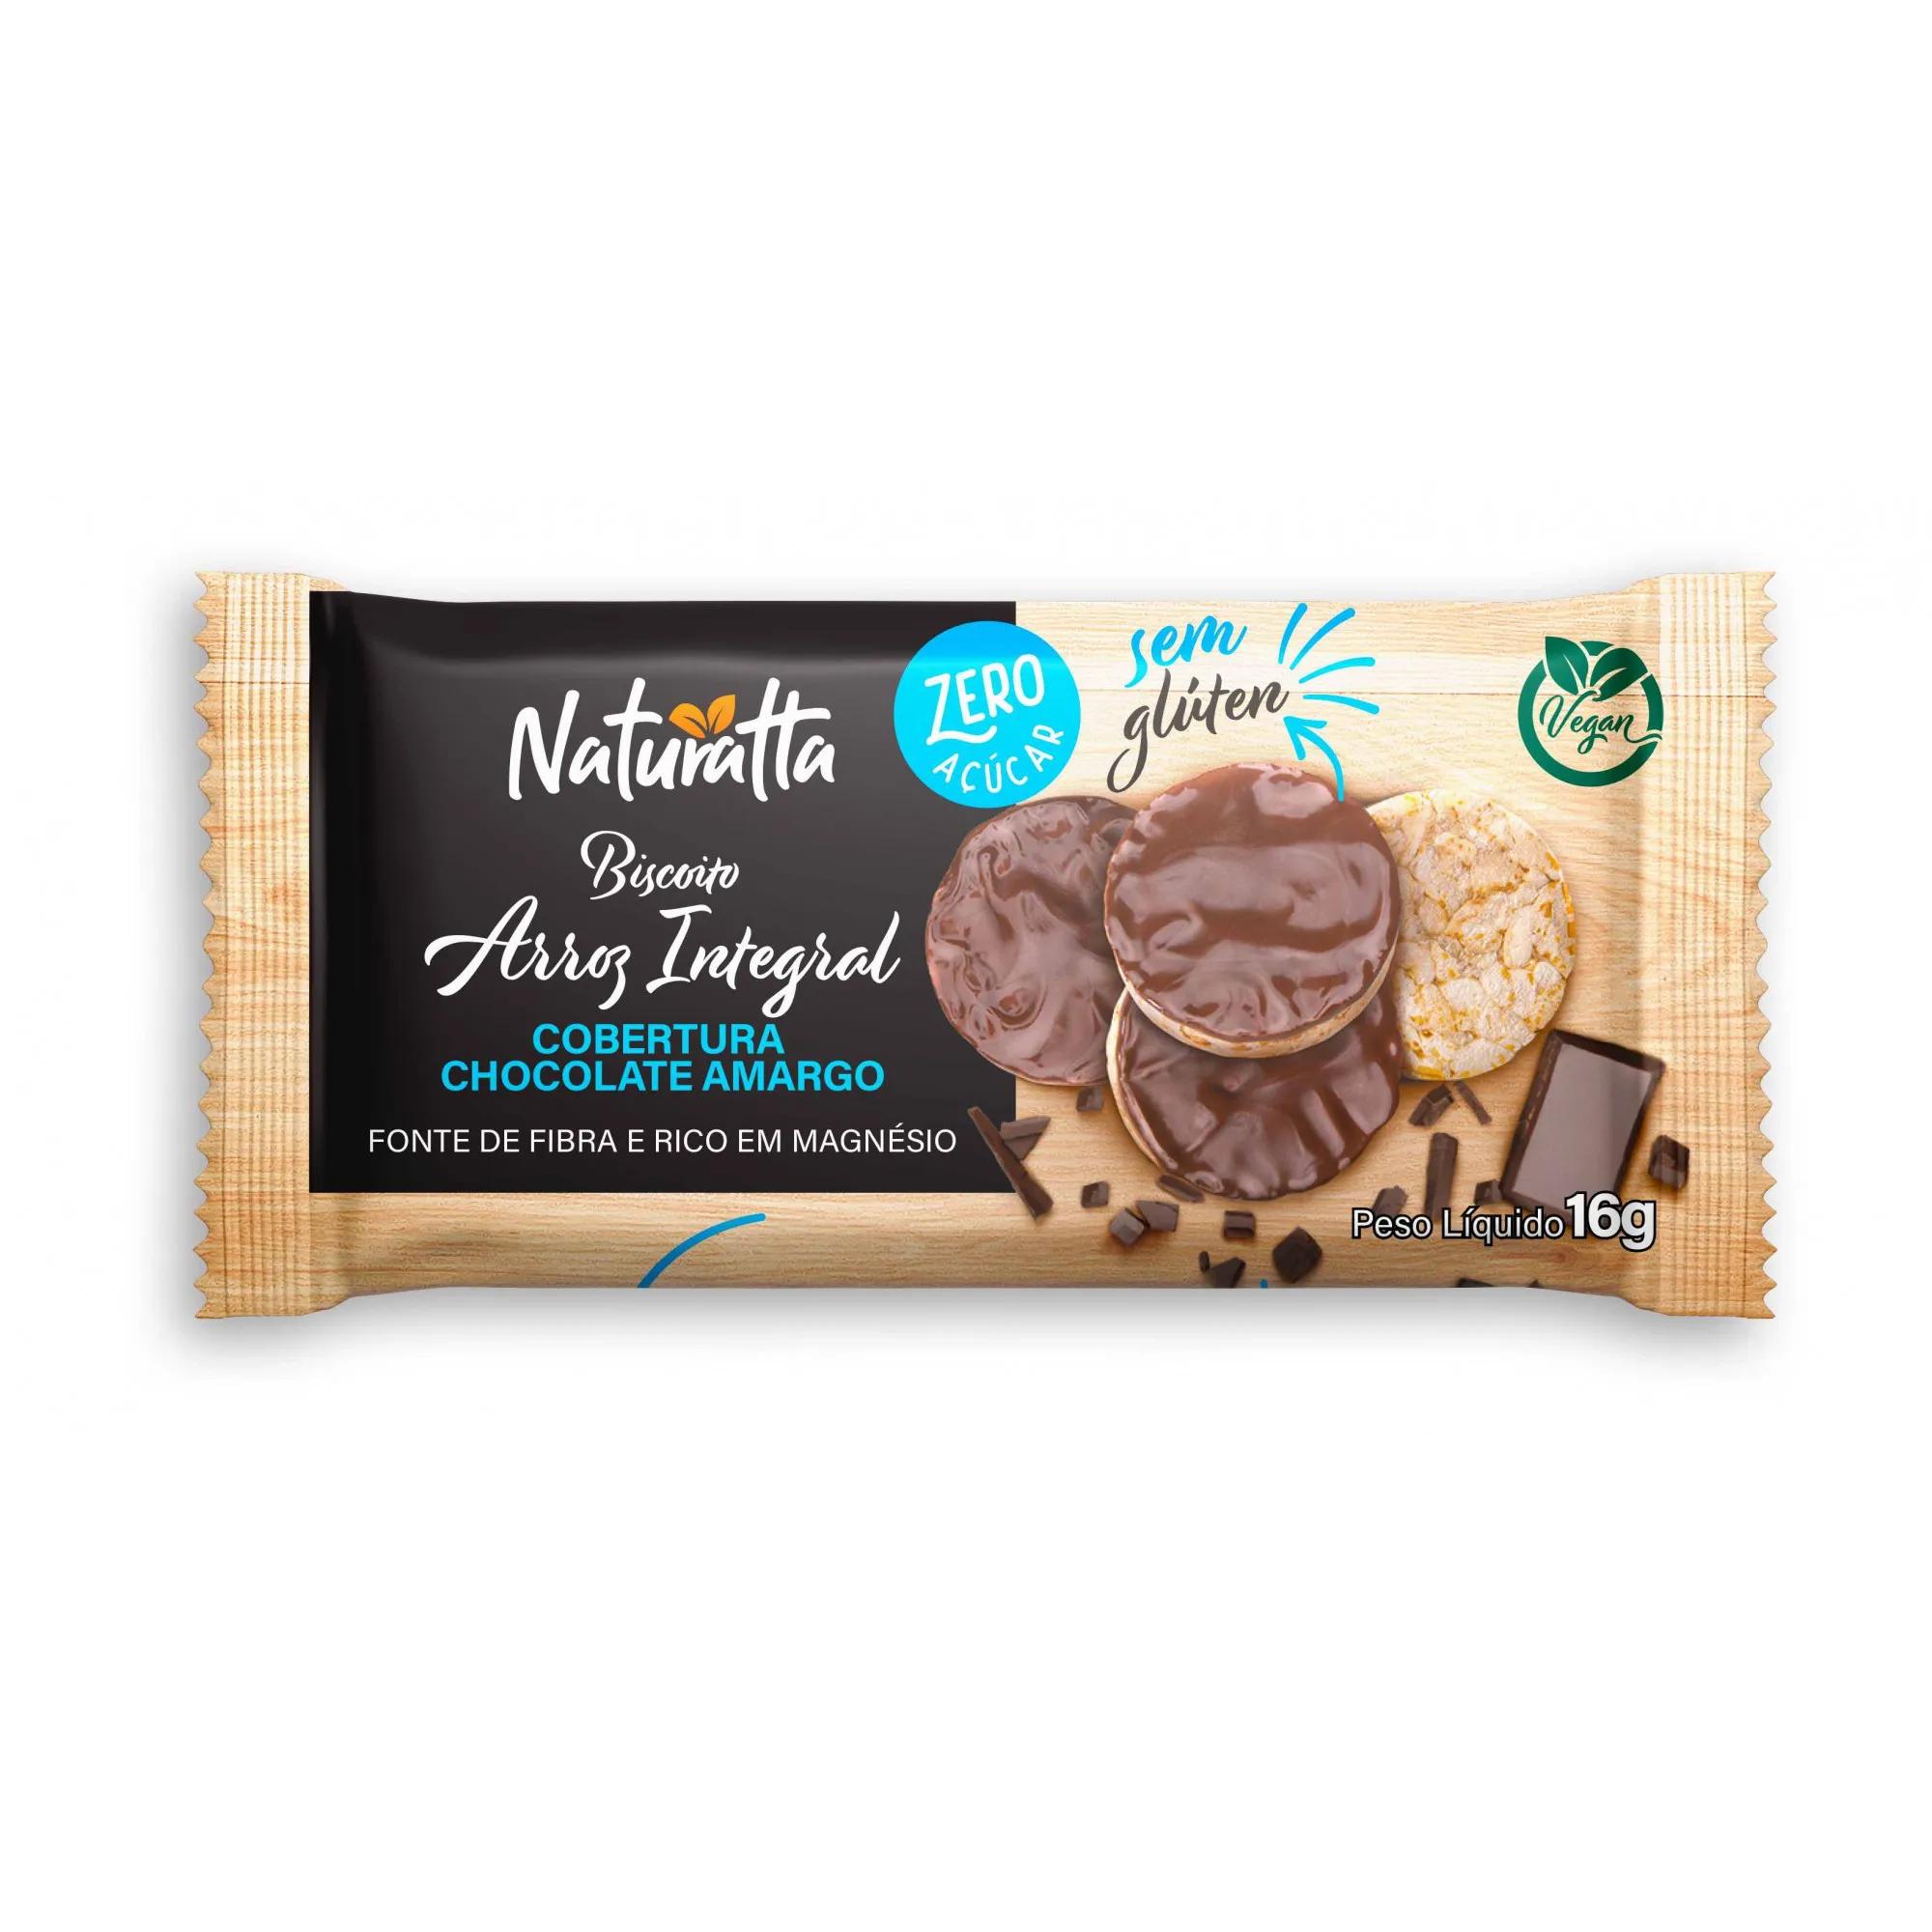 Biscoito de Arroz integral com Chocolate Amargo Zero açúcar 16g - Naturatta